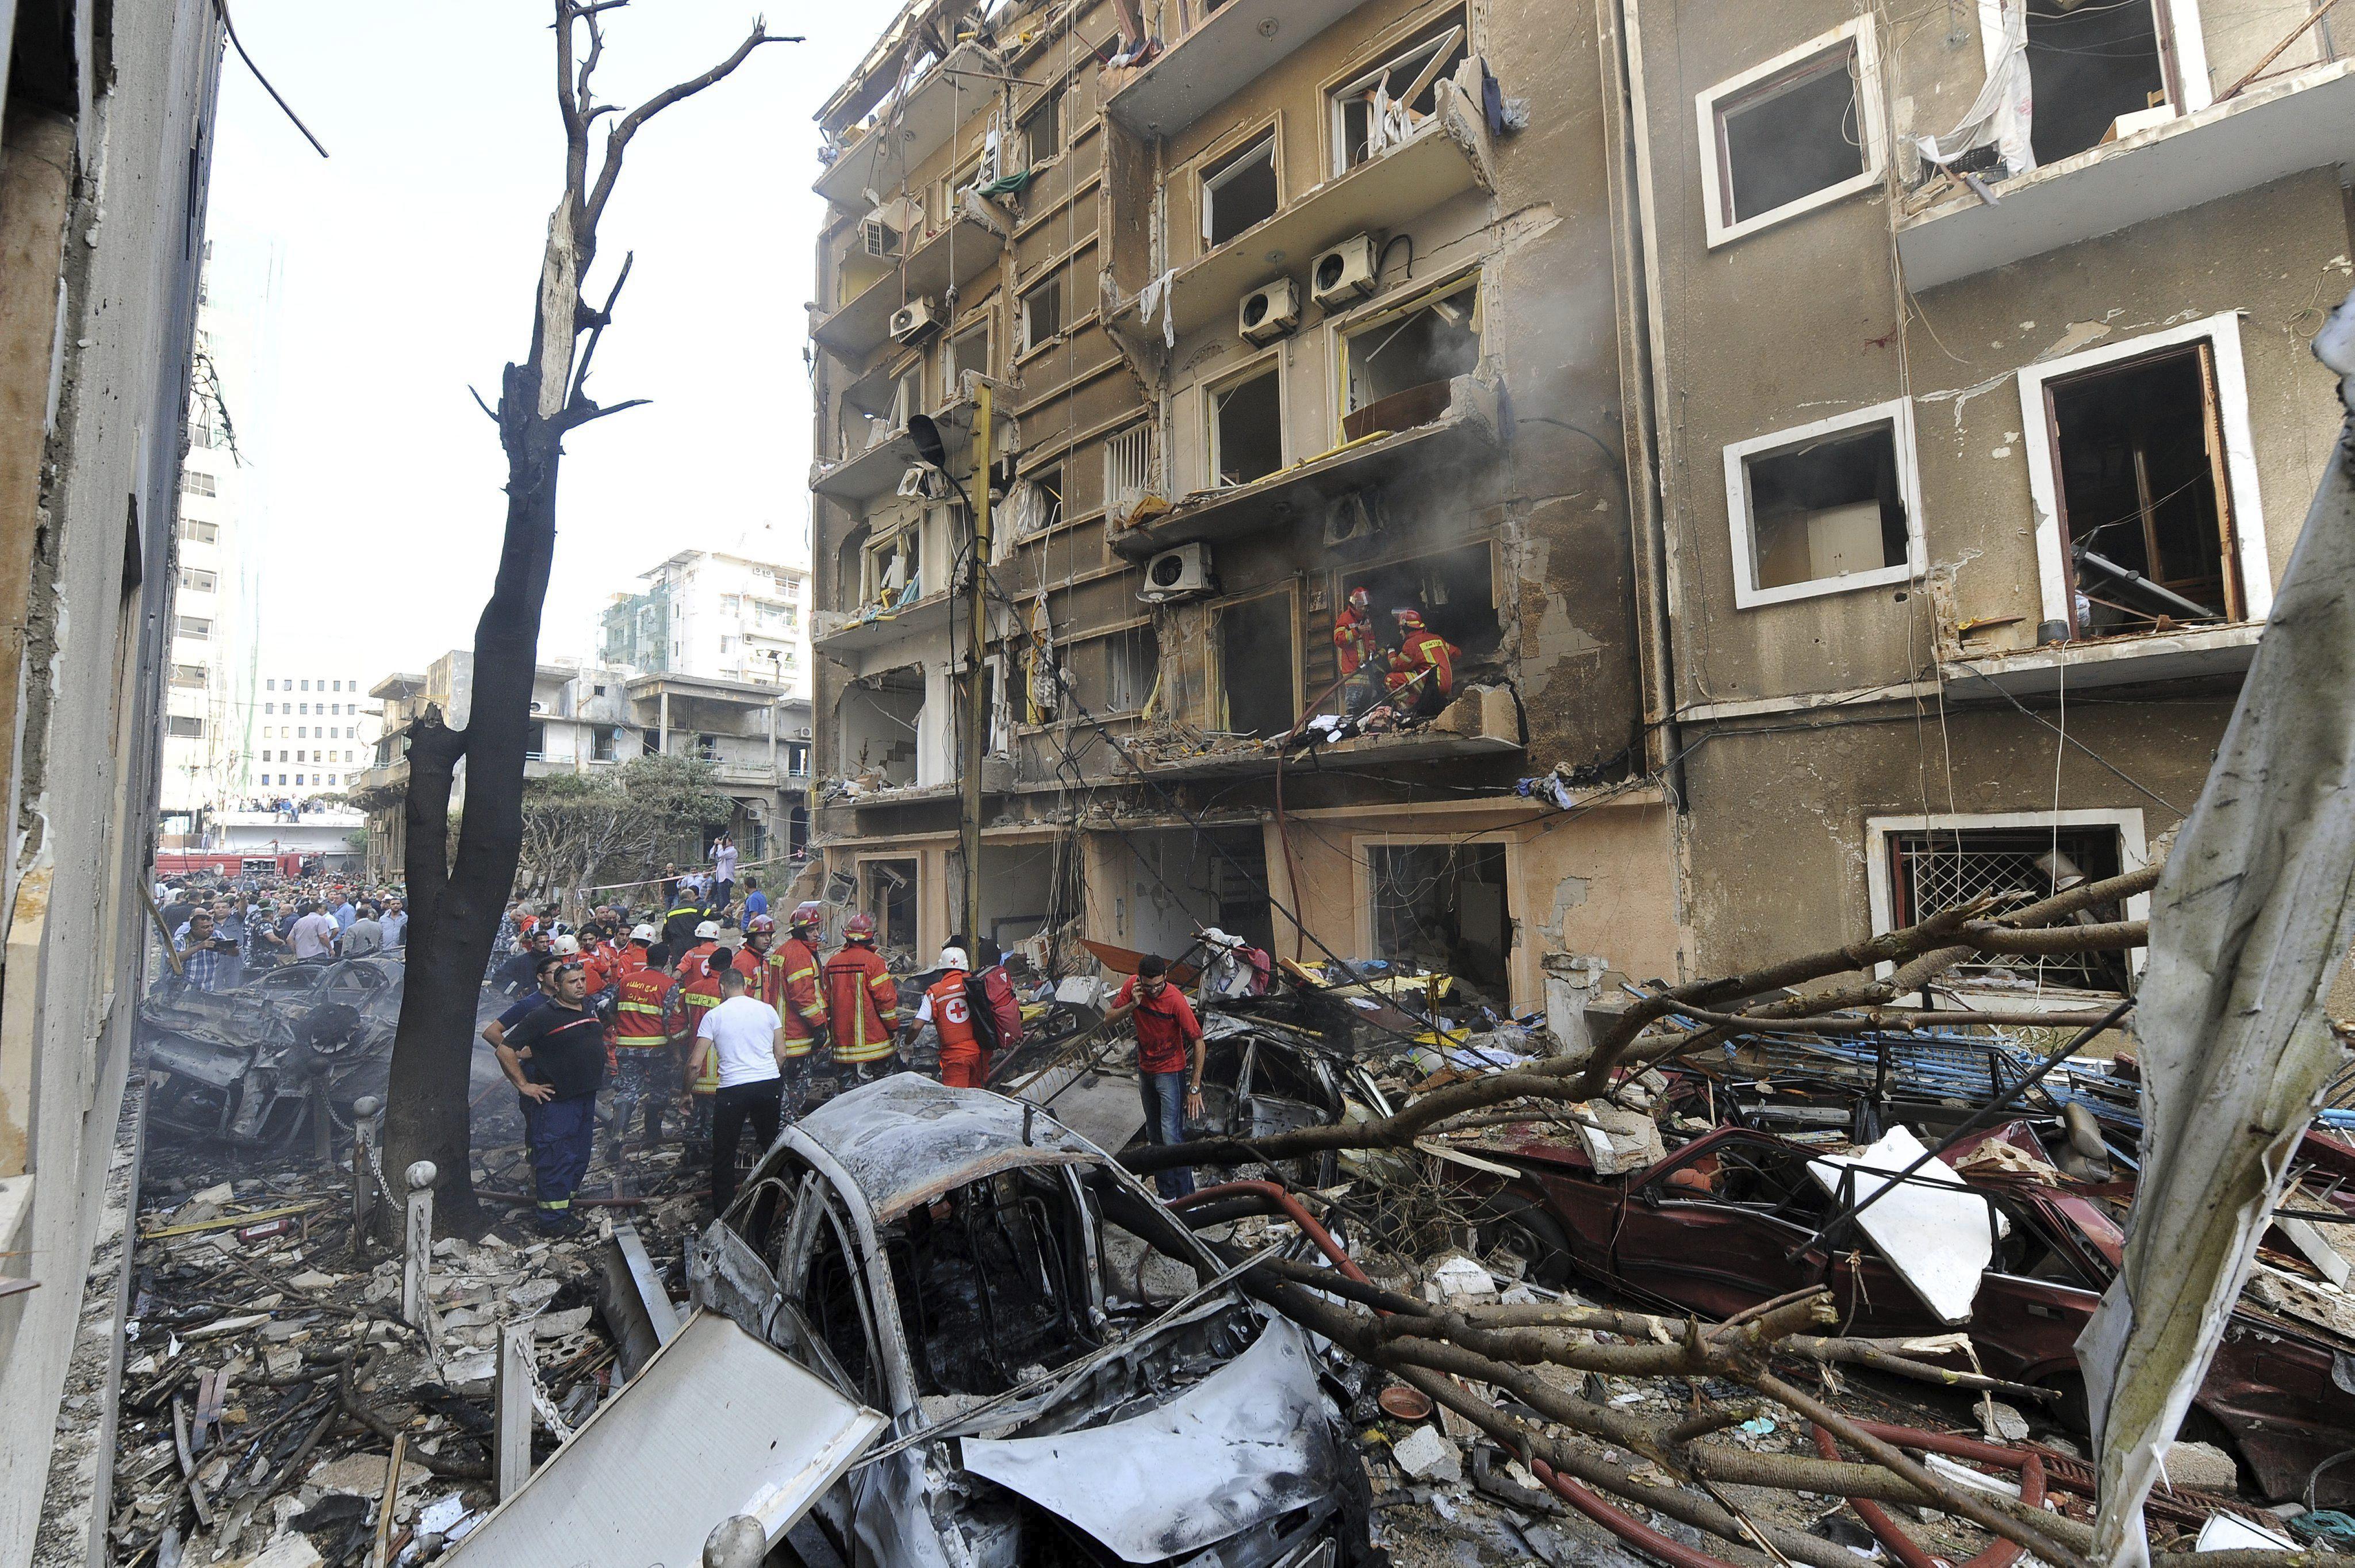 Líbano sufre una grave escasez de agua tras la explosión en Beirut